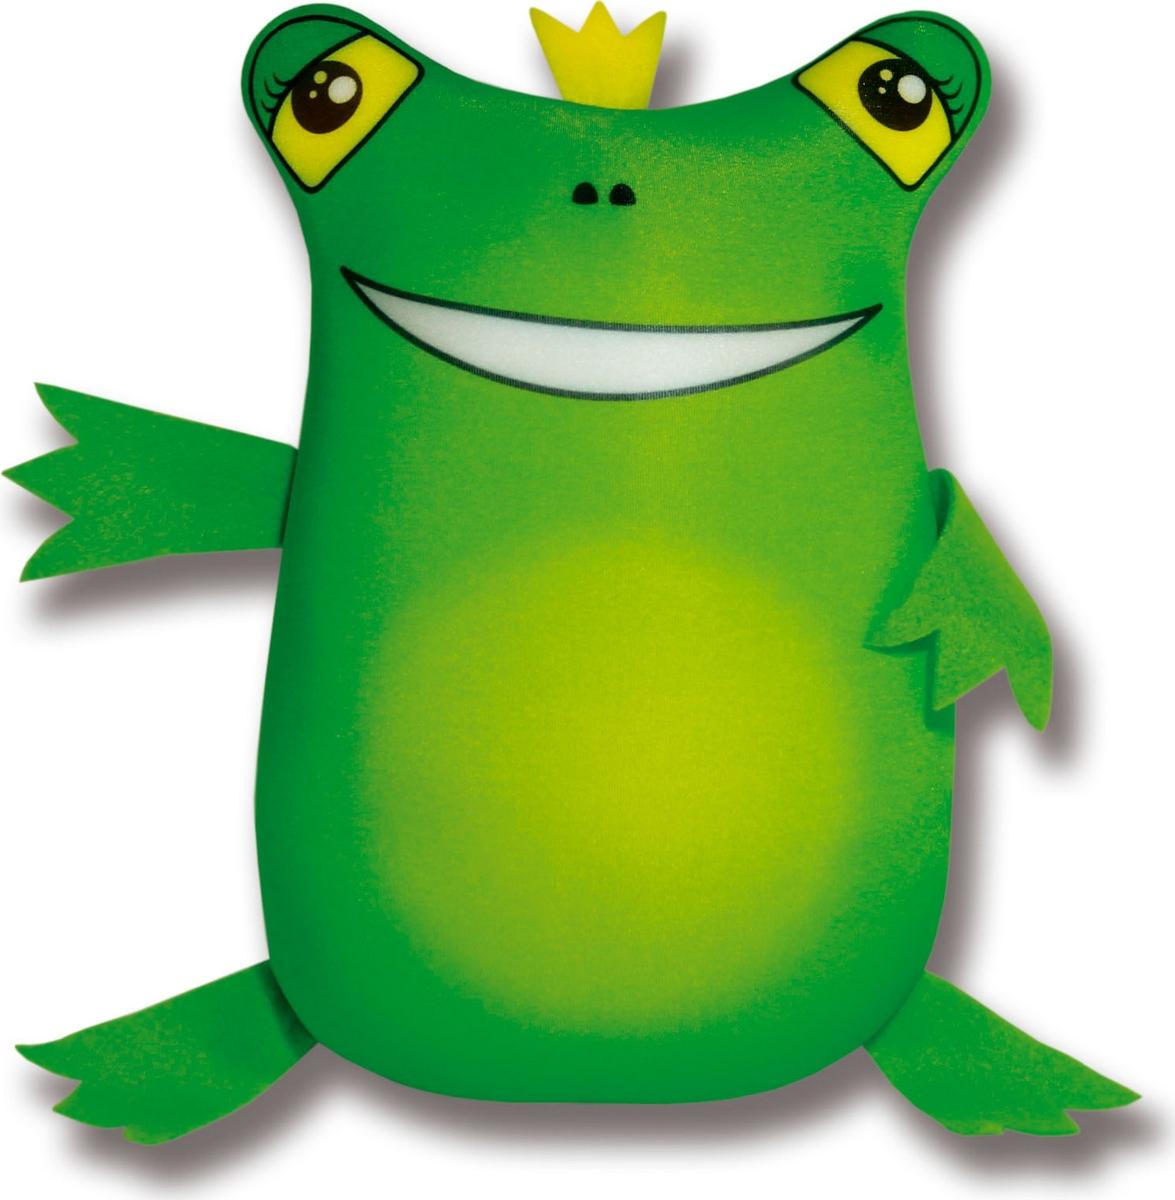 Подушка-игрушка Штучки, к которым тянутся ручки антистрессовая Царевна лягушка, зеленый